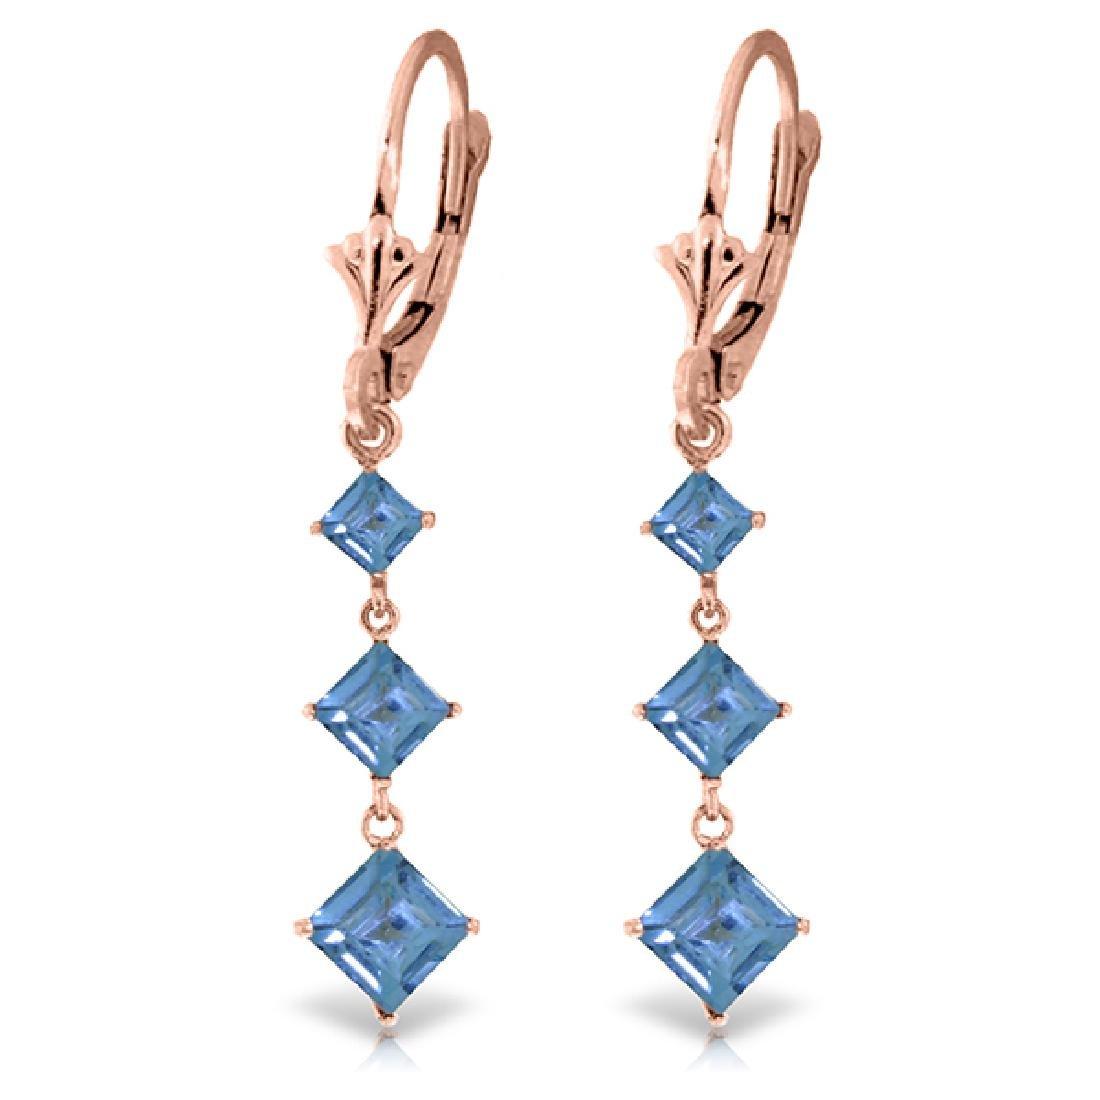 Genuine 4.79 ctw Blue Topaz Earrings Jewelry 14KT Rose